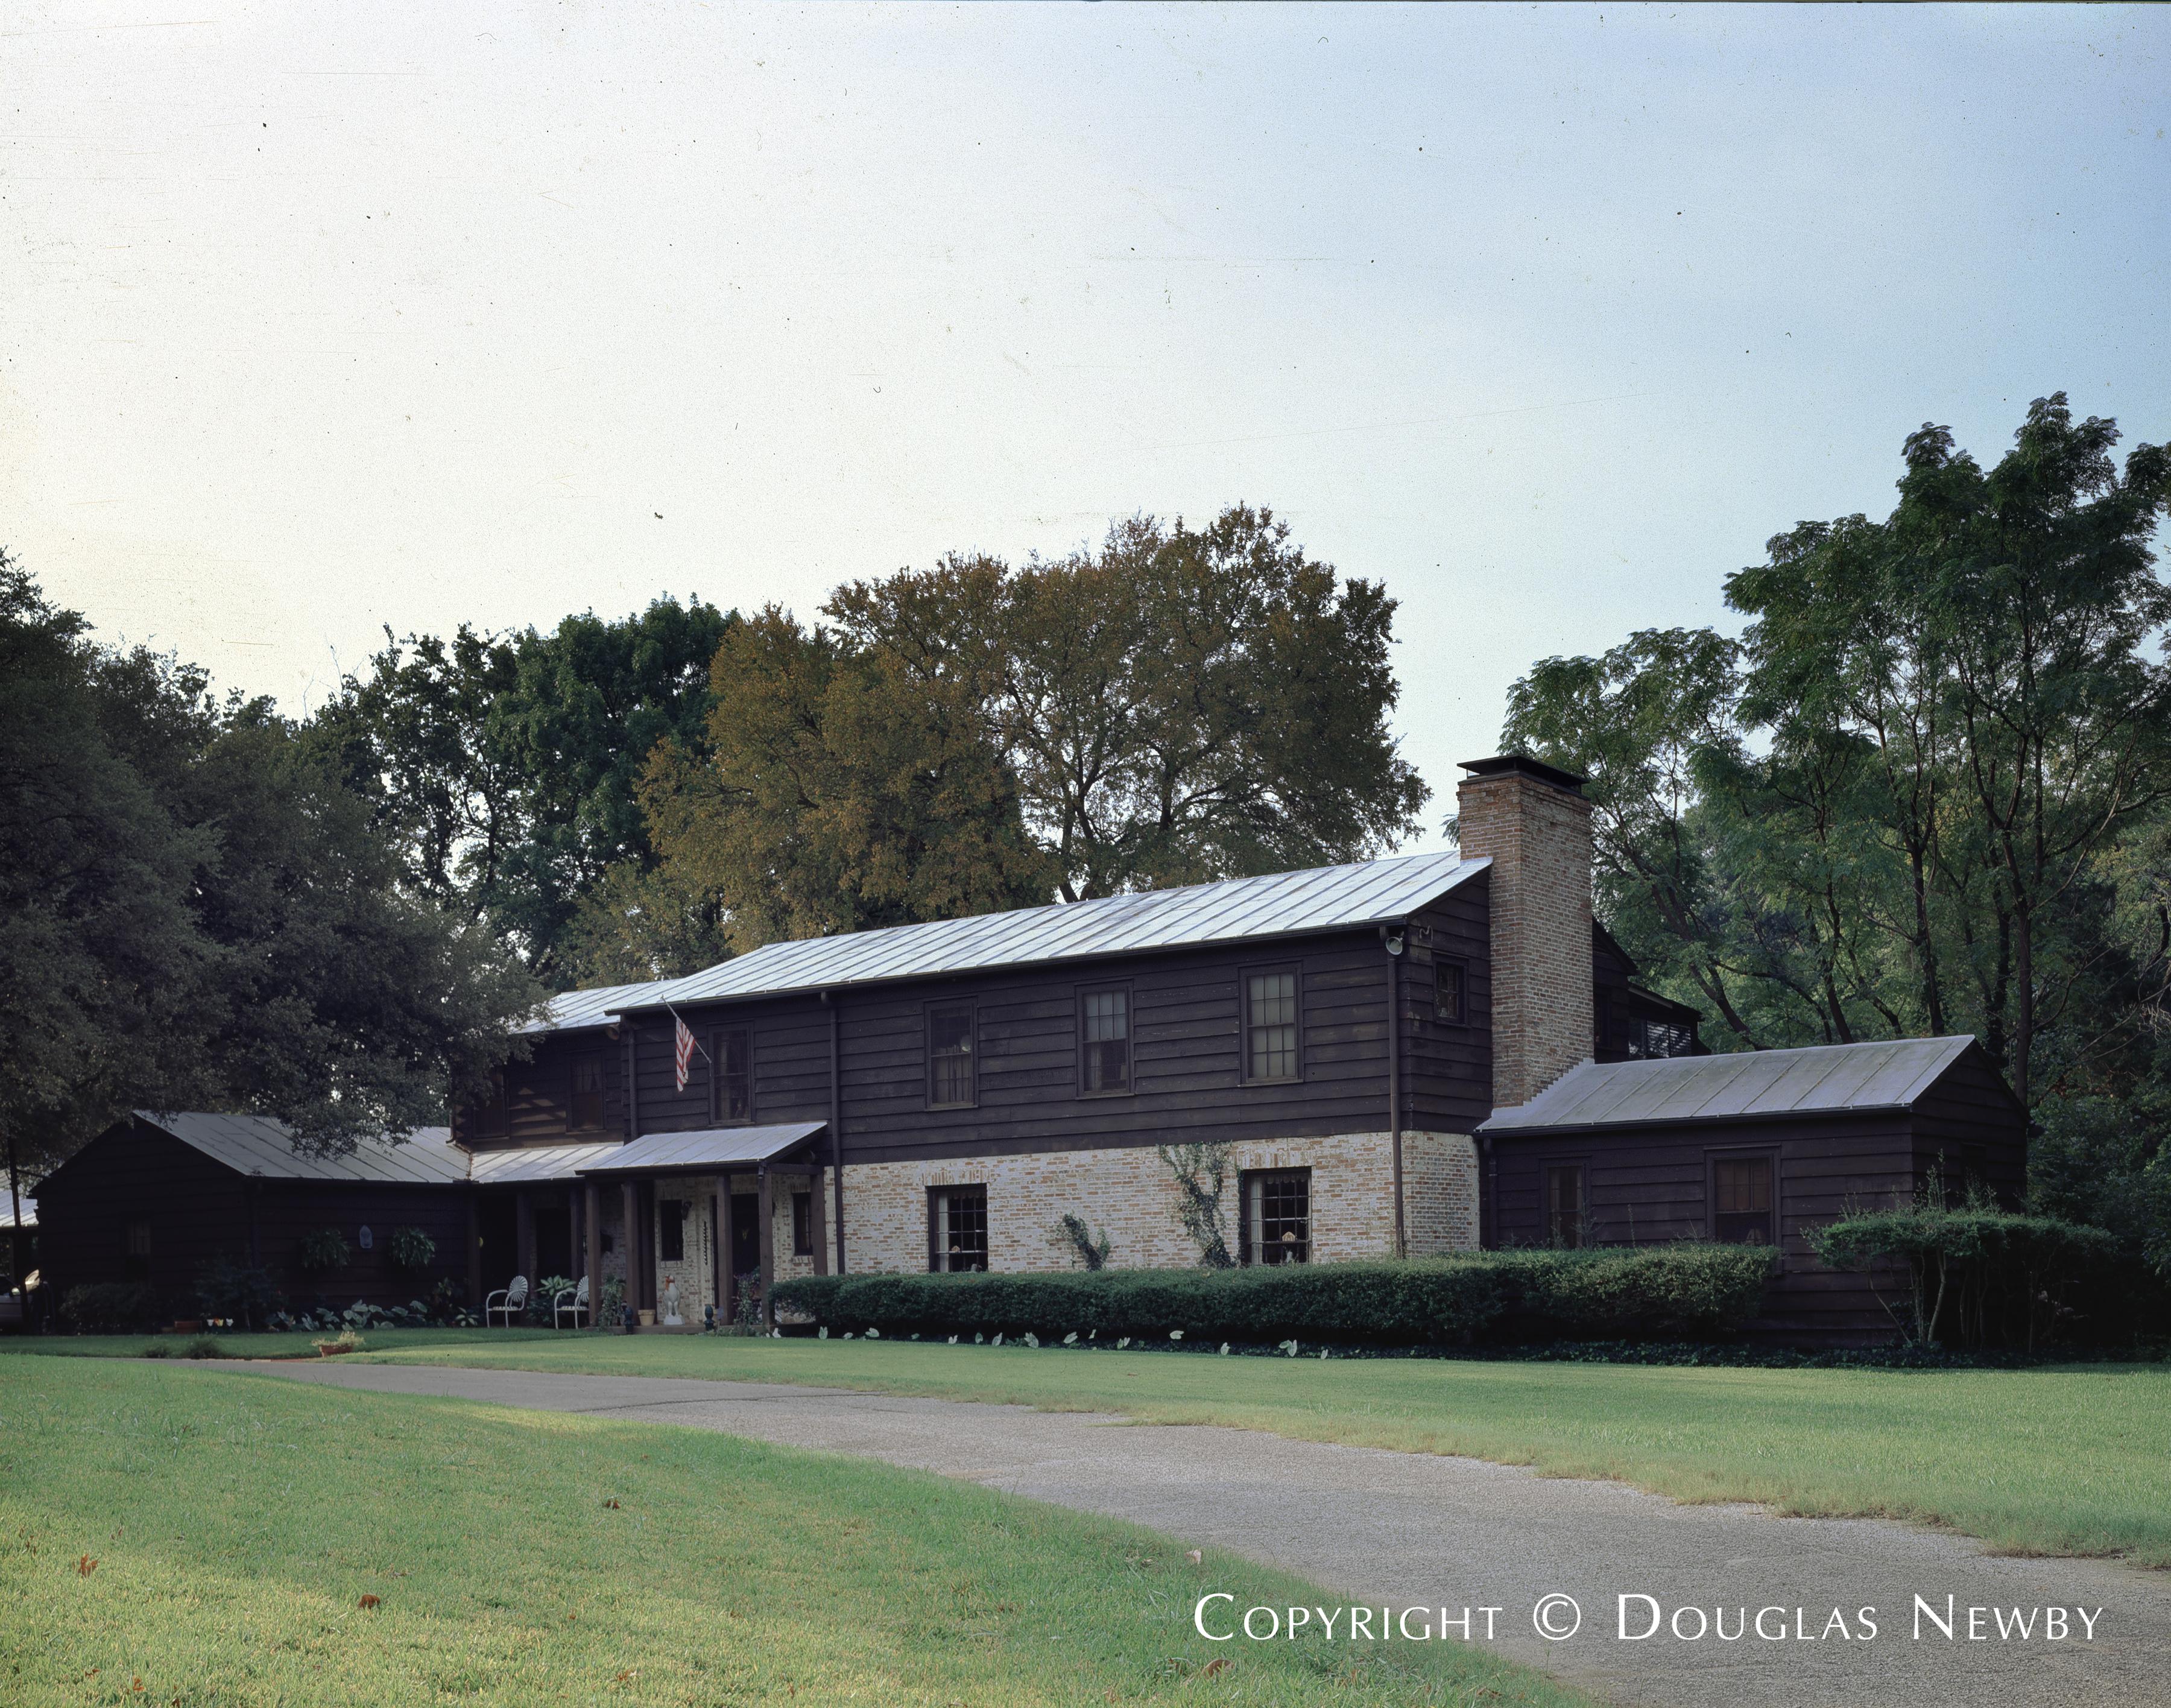 Texas Modern Real Estate in White Rock Lake